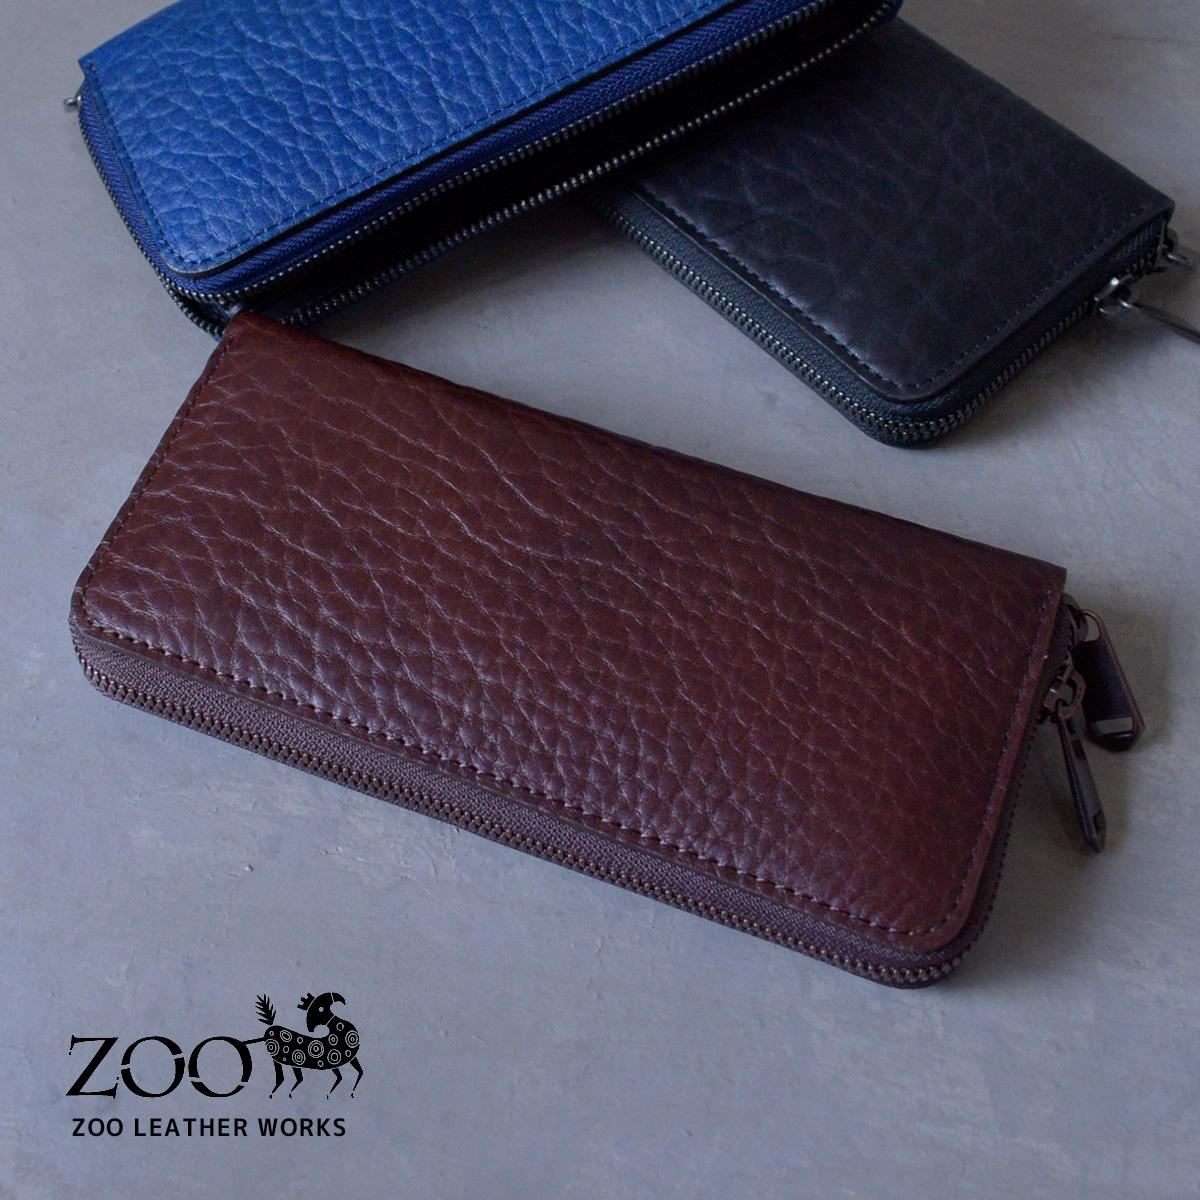 c82f41129e05 ZOO(ズー) ブルハイド 牛革 メンズ ラウンドファスナー長財布 zlw-071 希少なブルハイドレザーを使用した贅沢な財布 。肉厚でワイルドなシボが特徴的ラウンドファスナー ...